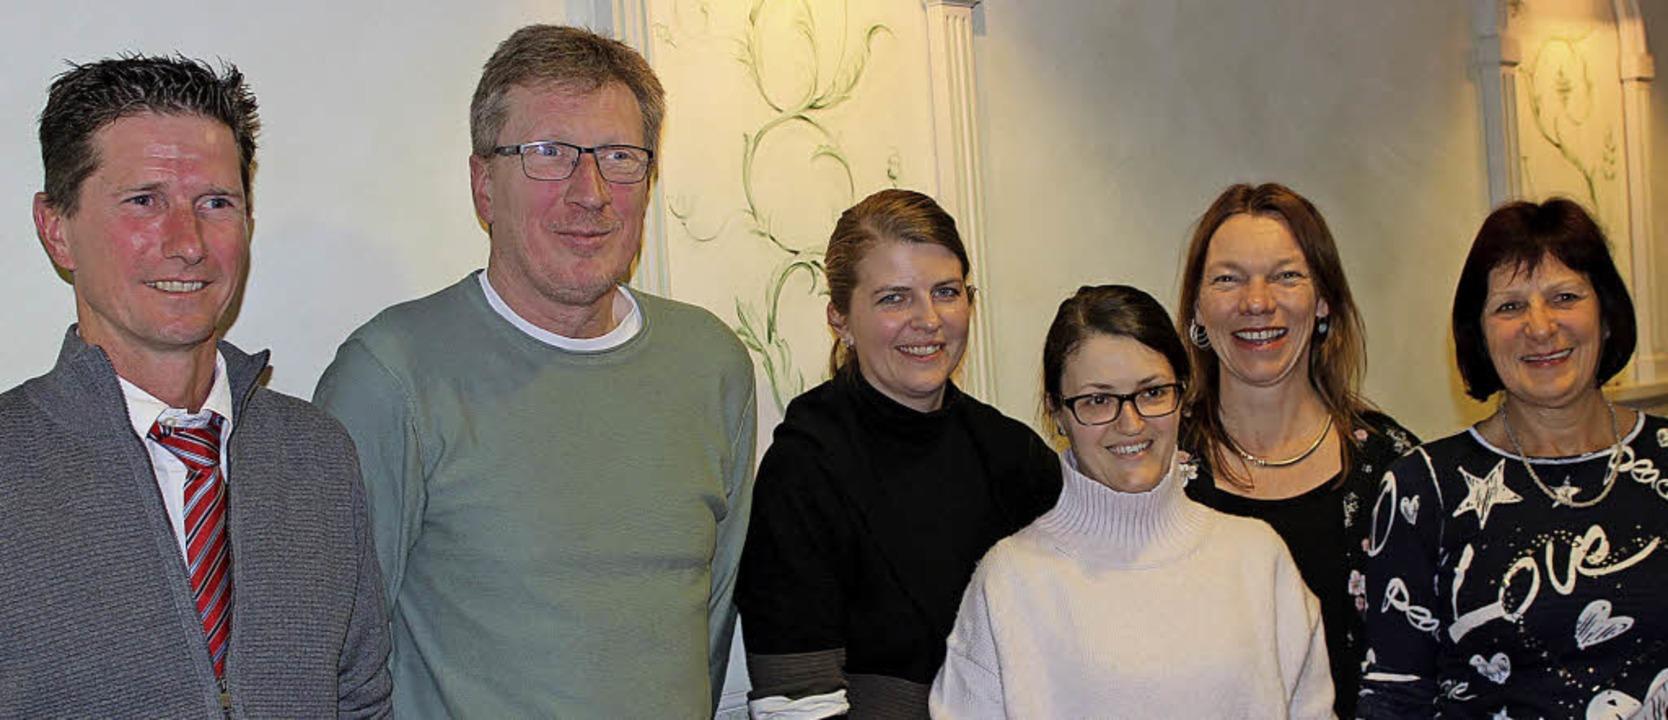 Sie leiten die Ötlinger Turn- und Spor...e Tudichum und  Hannelore Furtwängler   | Foto: Gessner